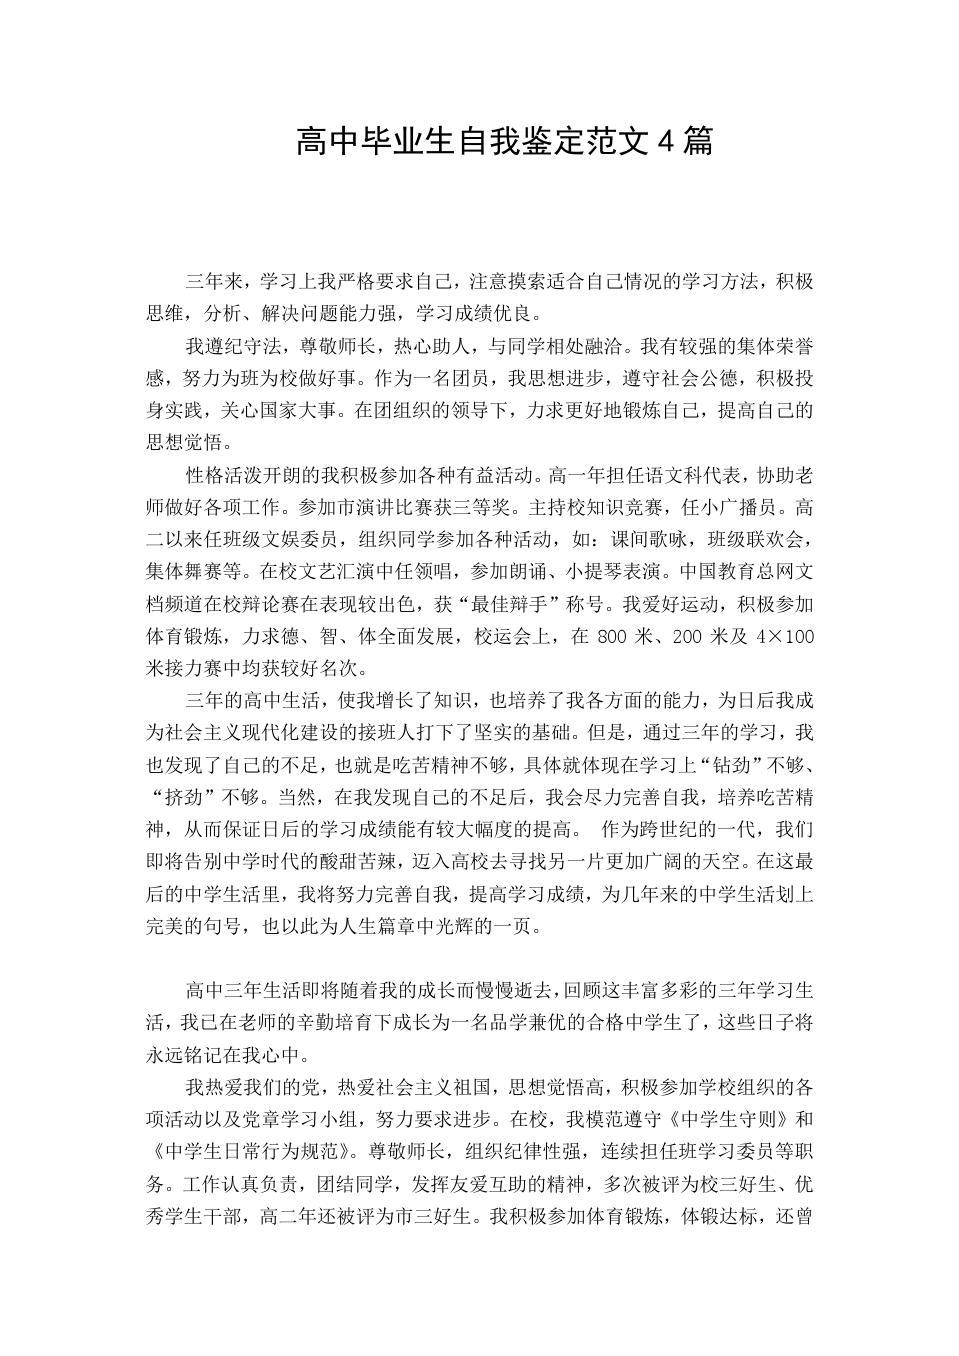 【范文v范文高中】(毕业生自我鉴定)高中毕业生报名处精品田阳图片